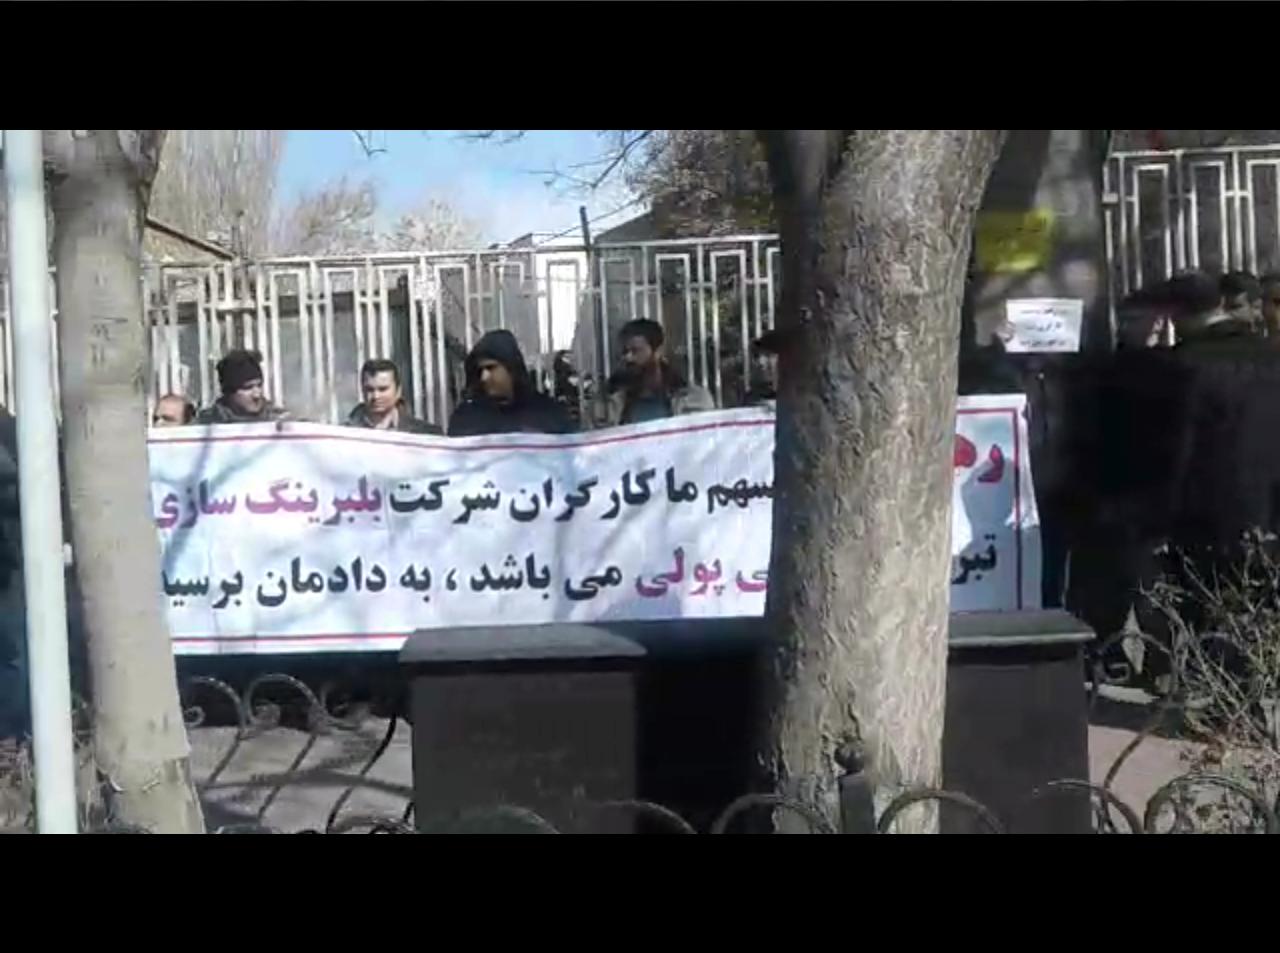 تجمع کارگران«بلبرینگ سازی تبریز» مقابل استانداری /فیلم